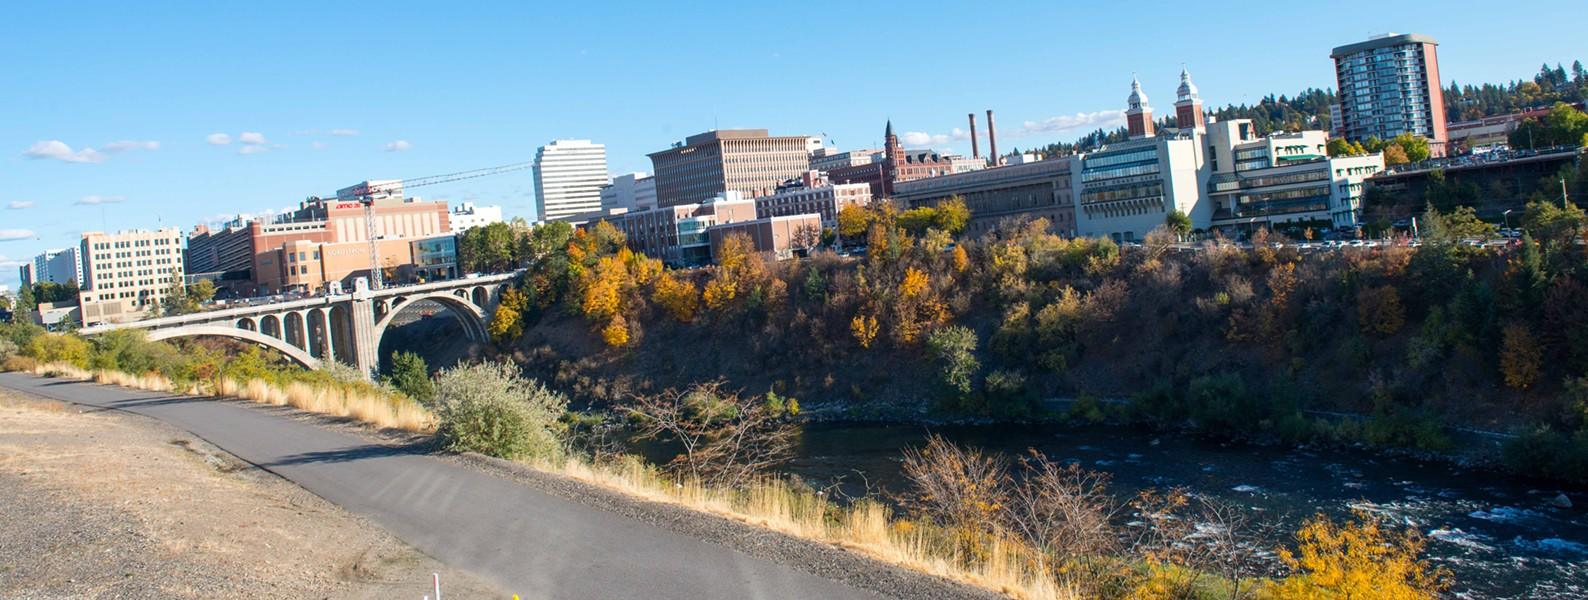 Fall in Spokane - DANIEL WALTERS PHOTO